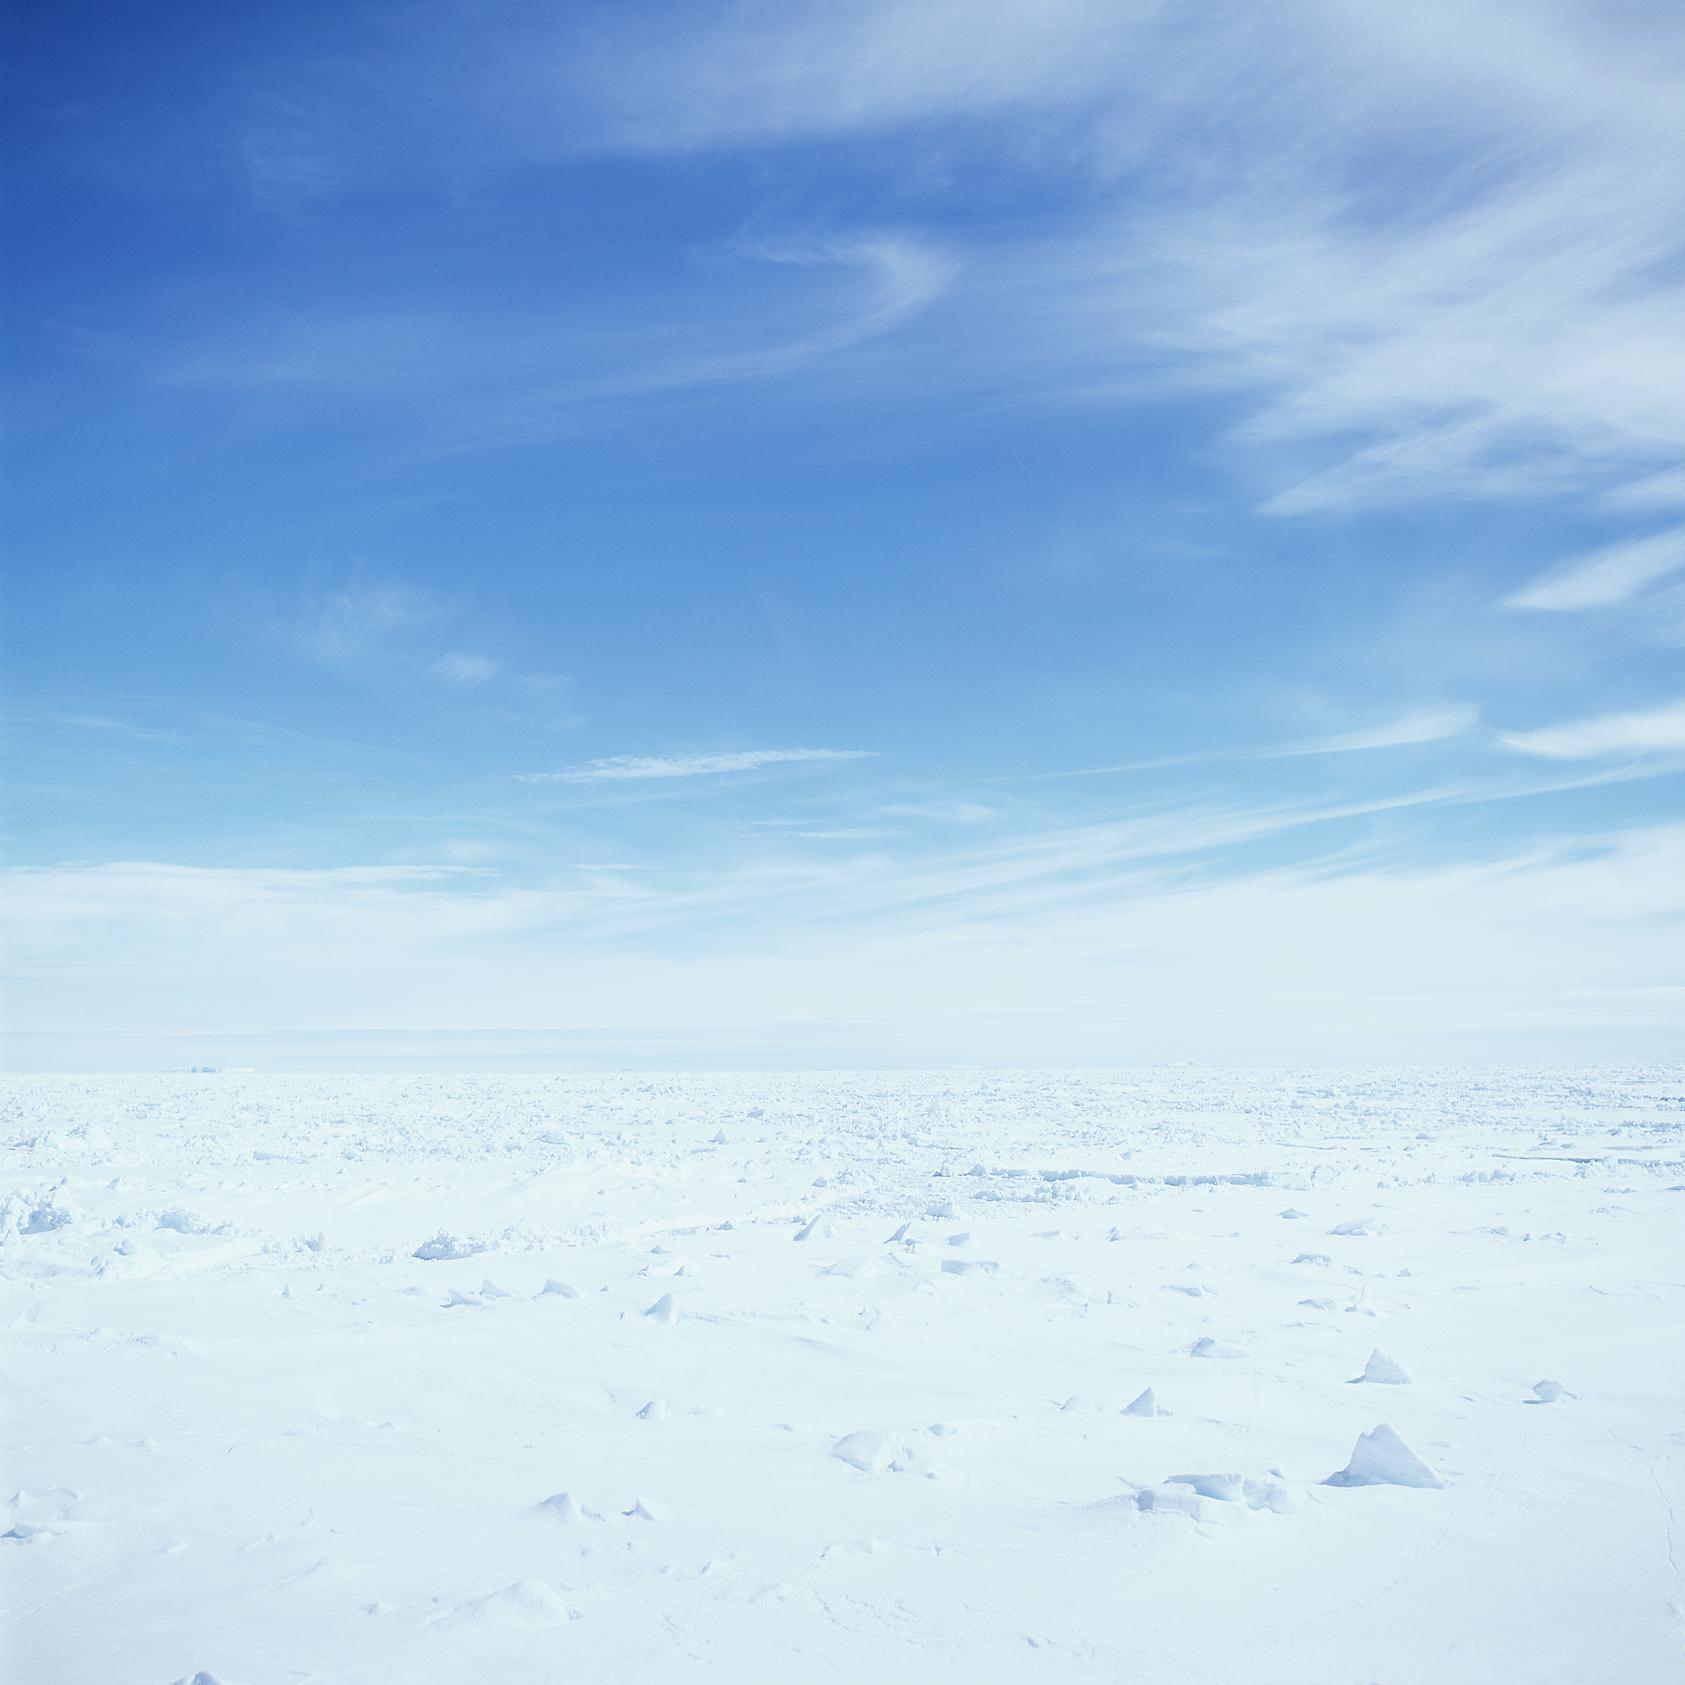 icevelvia.jpg